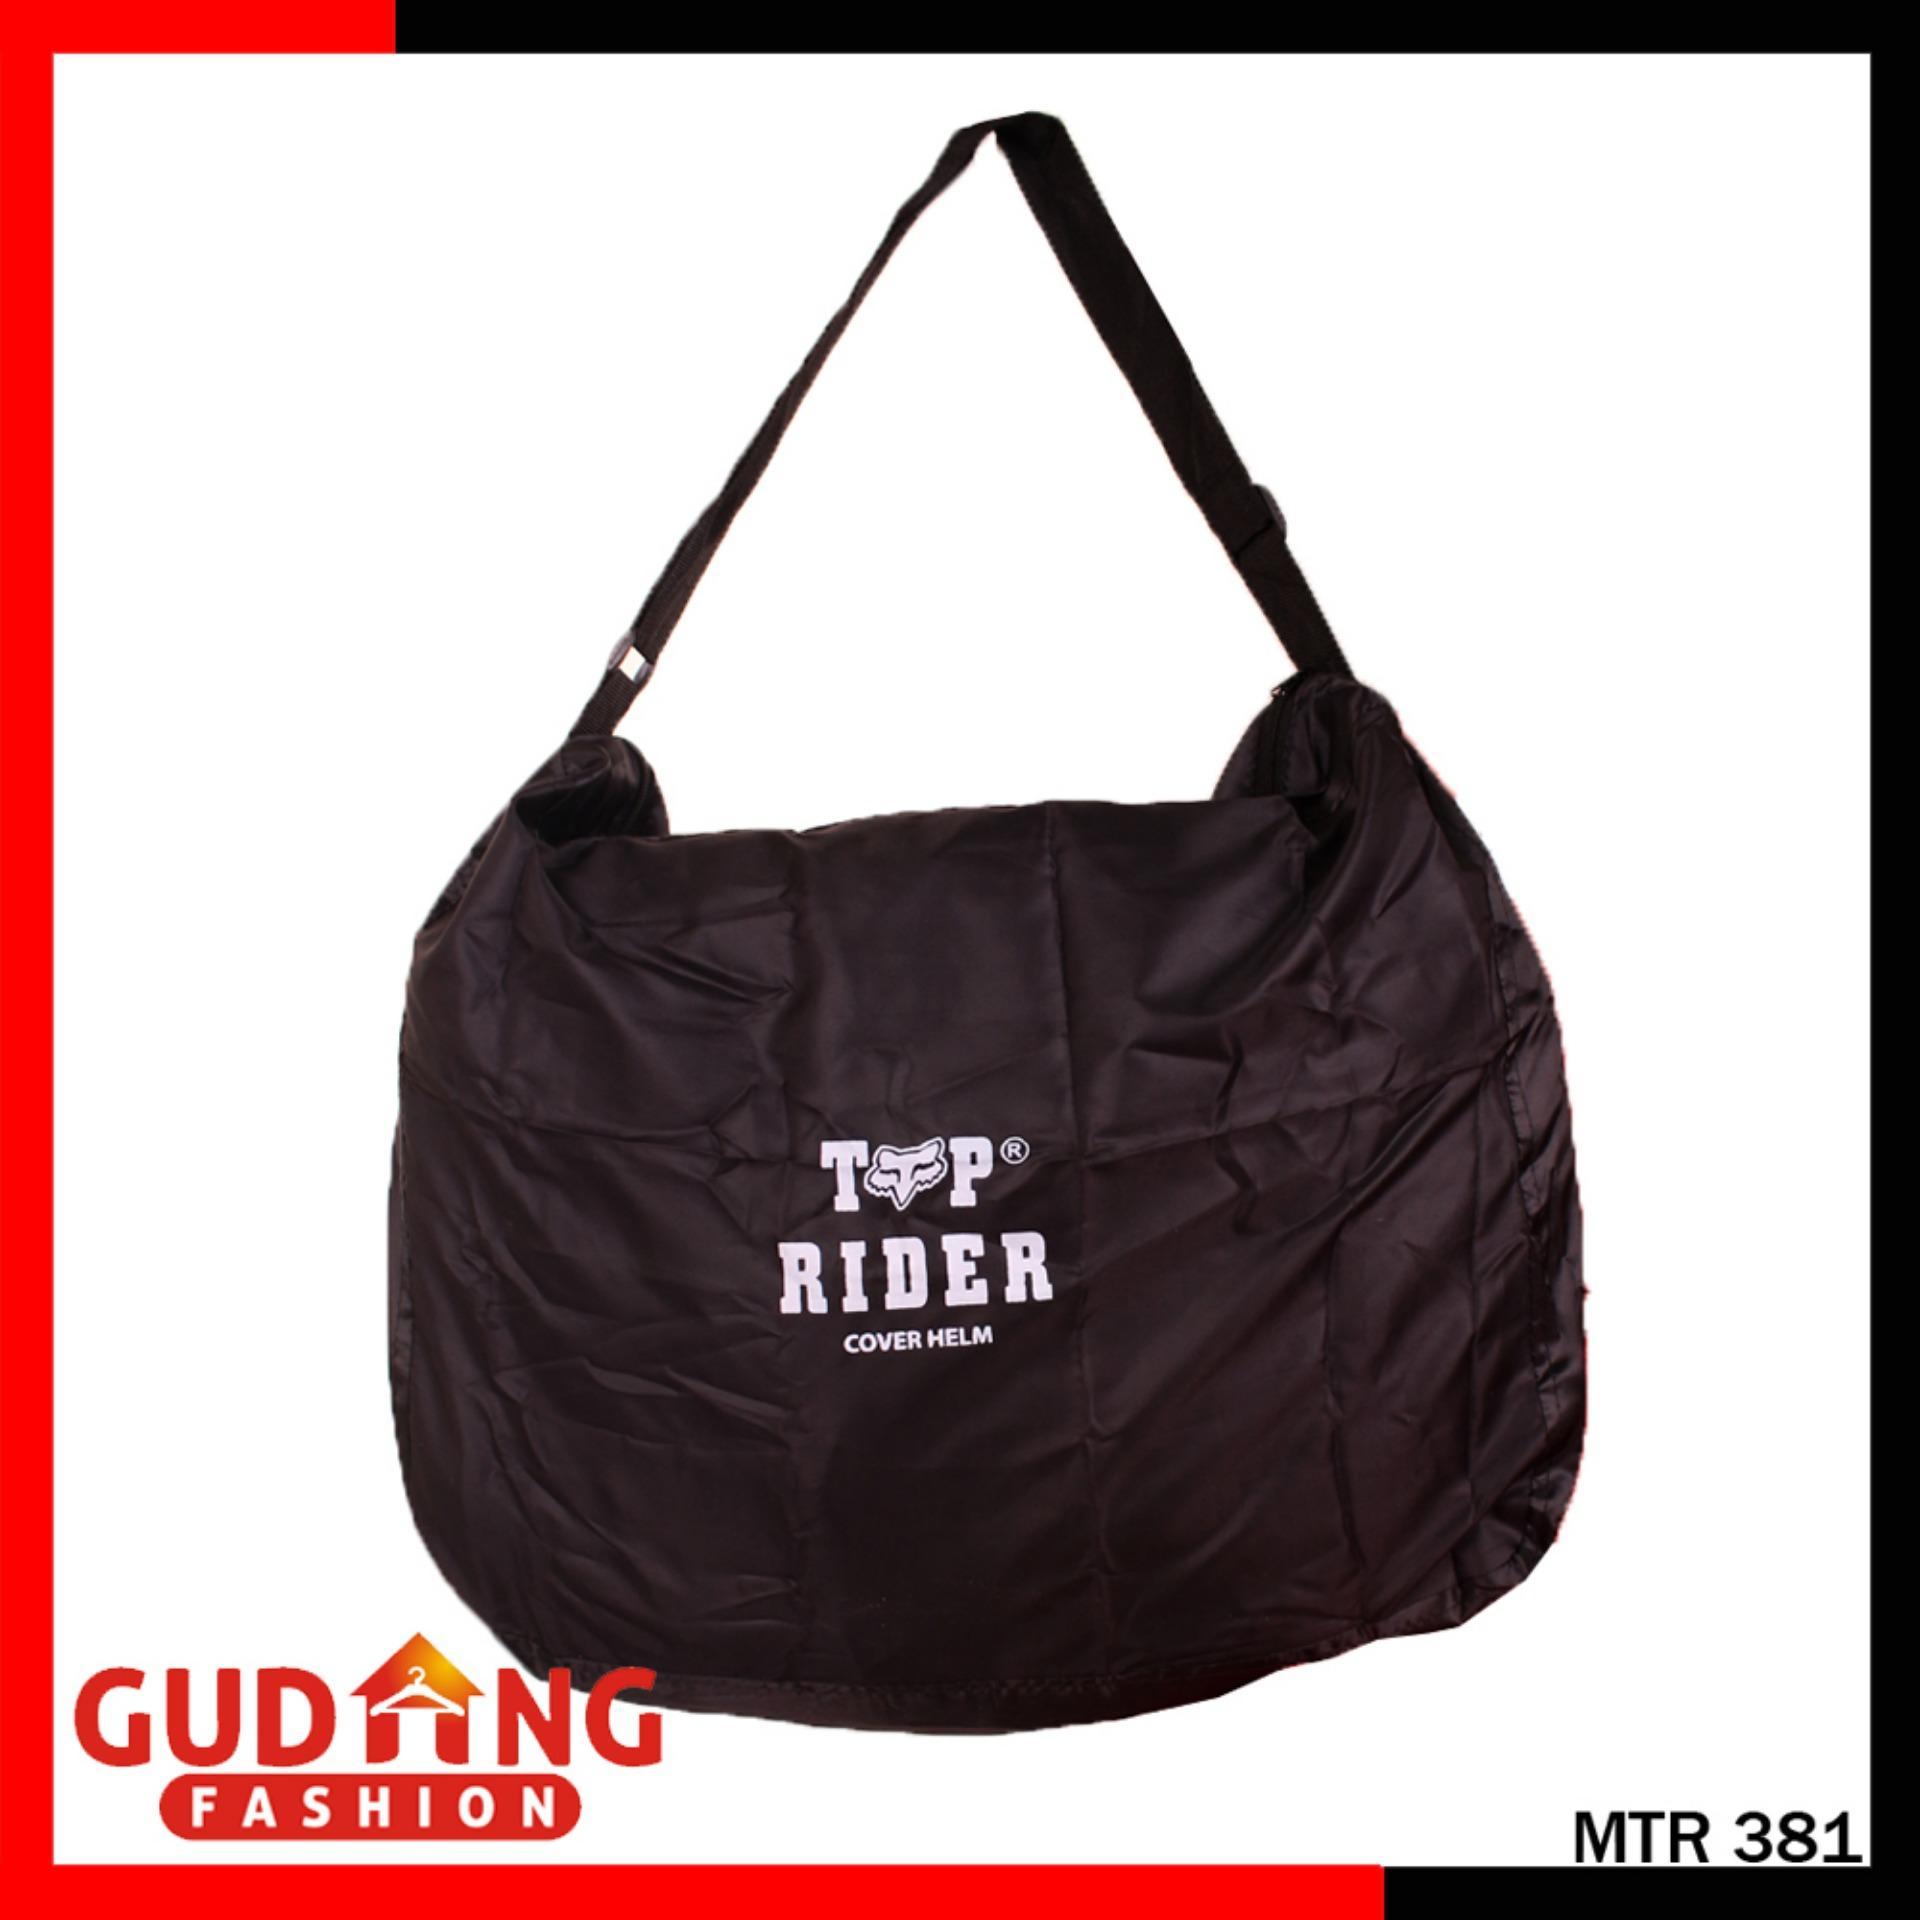 Gudang Fashion - Tas Helm Anti Air Hujan - Hitam